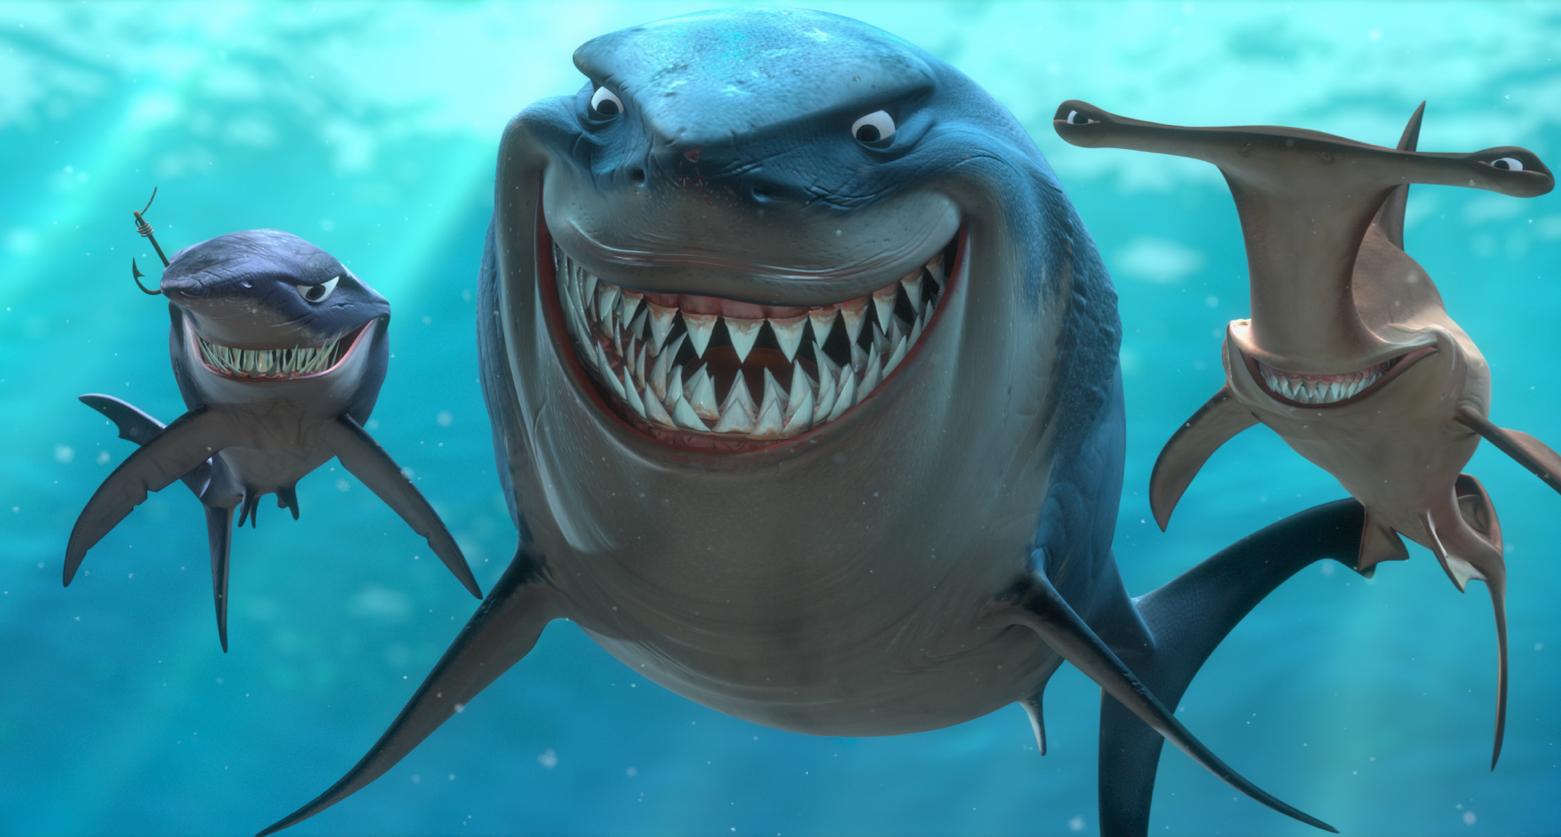 Pixar's  Finding Nemo